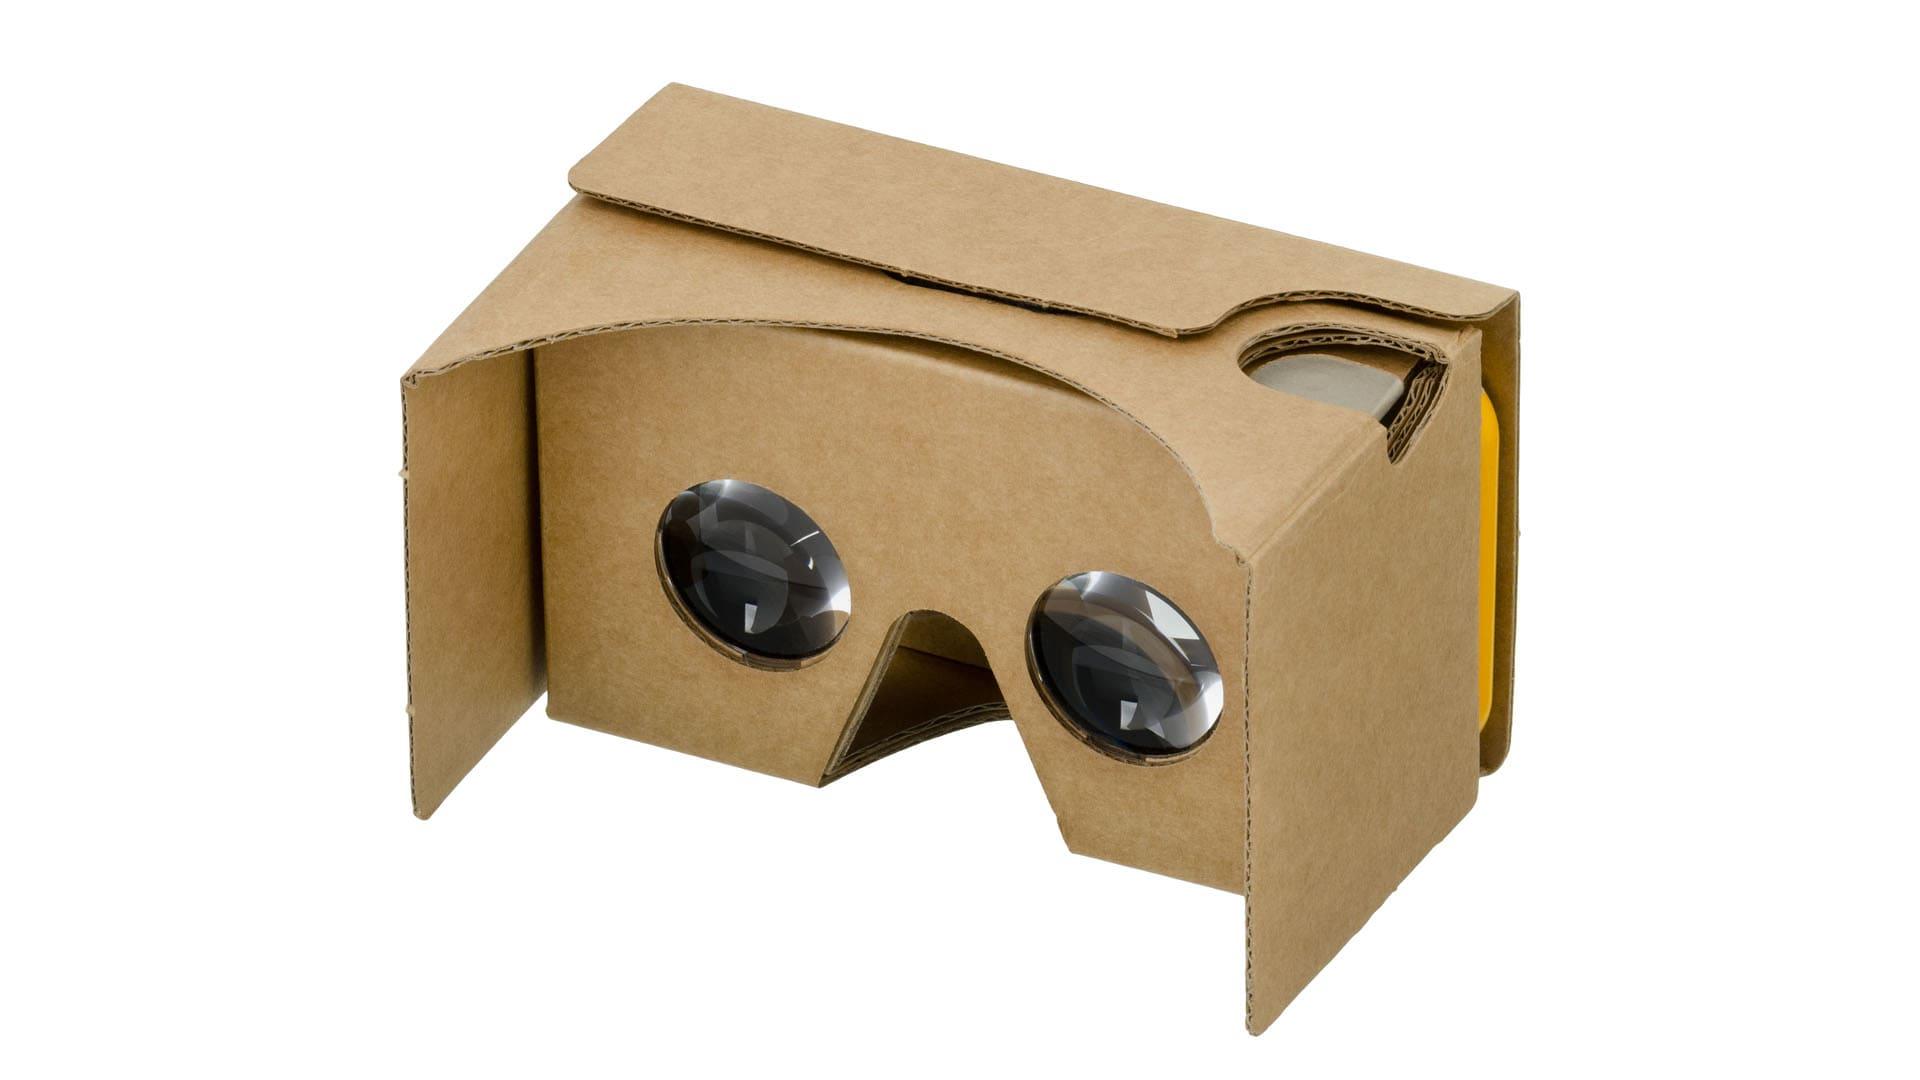 Óculos realidade virtual do Google. (Foto: Divulgação/Google)